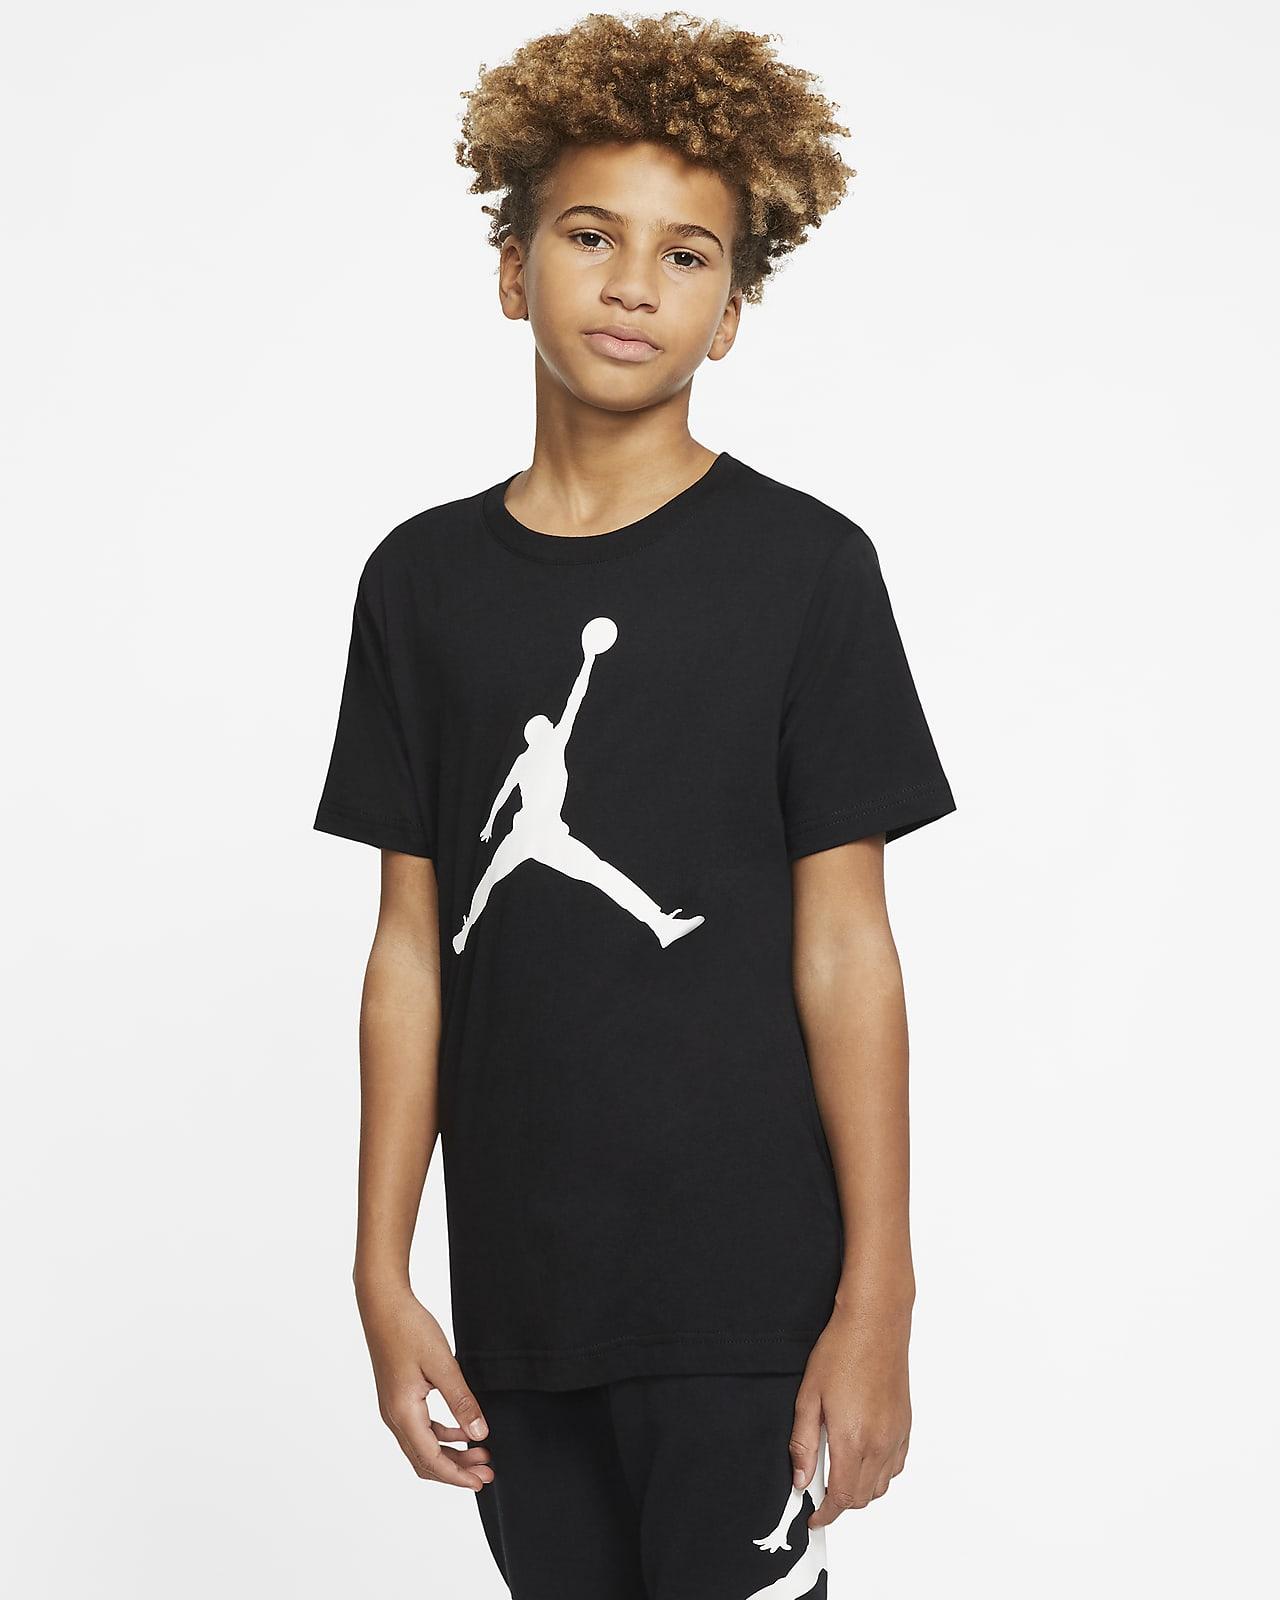 Jordan Short-Sleeve T-Shirt